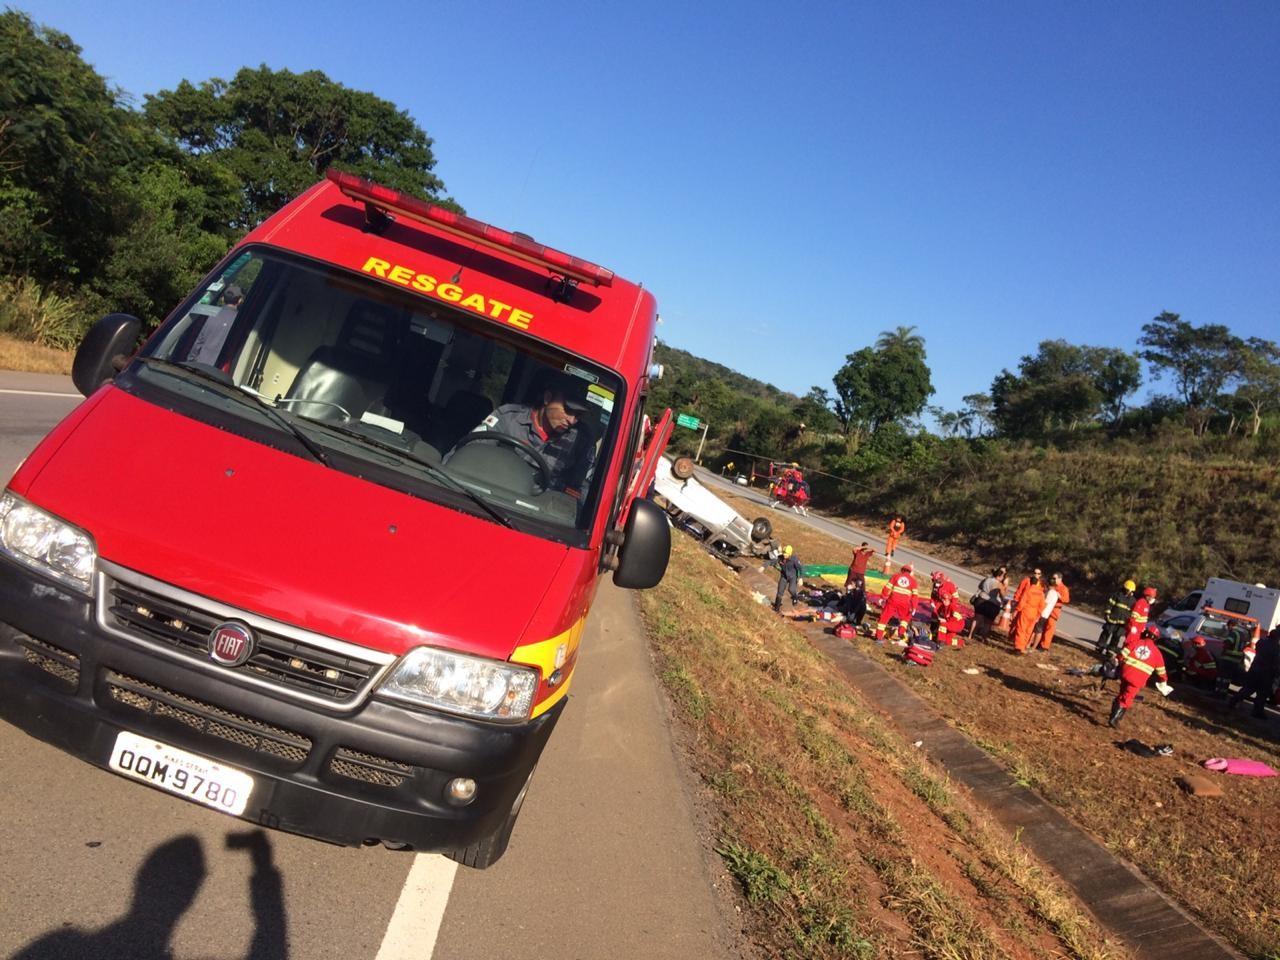 Acidente com van deixa mortes na BR-262, em Juatuba - Noticias